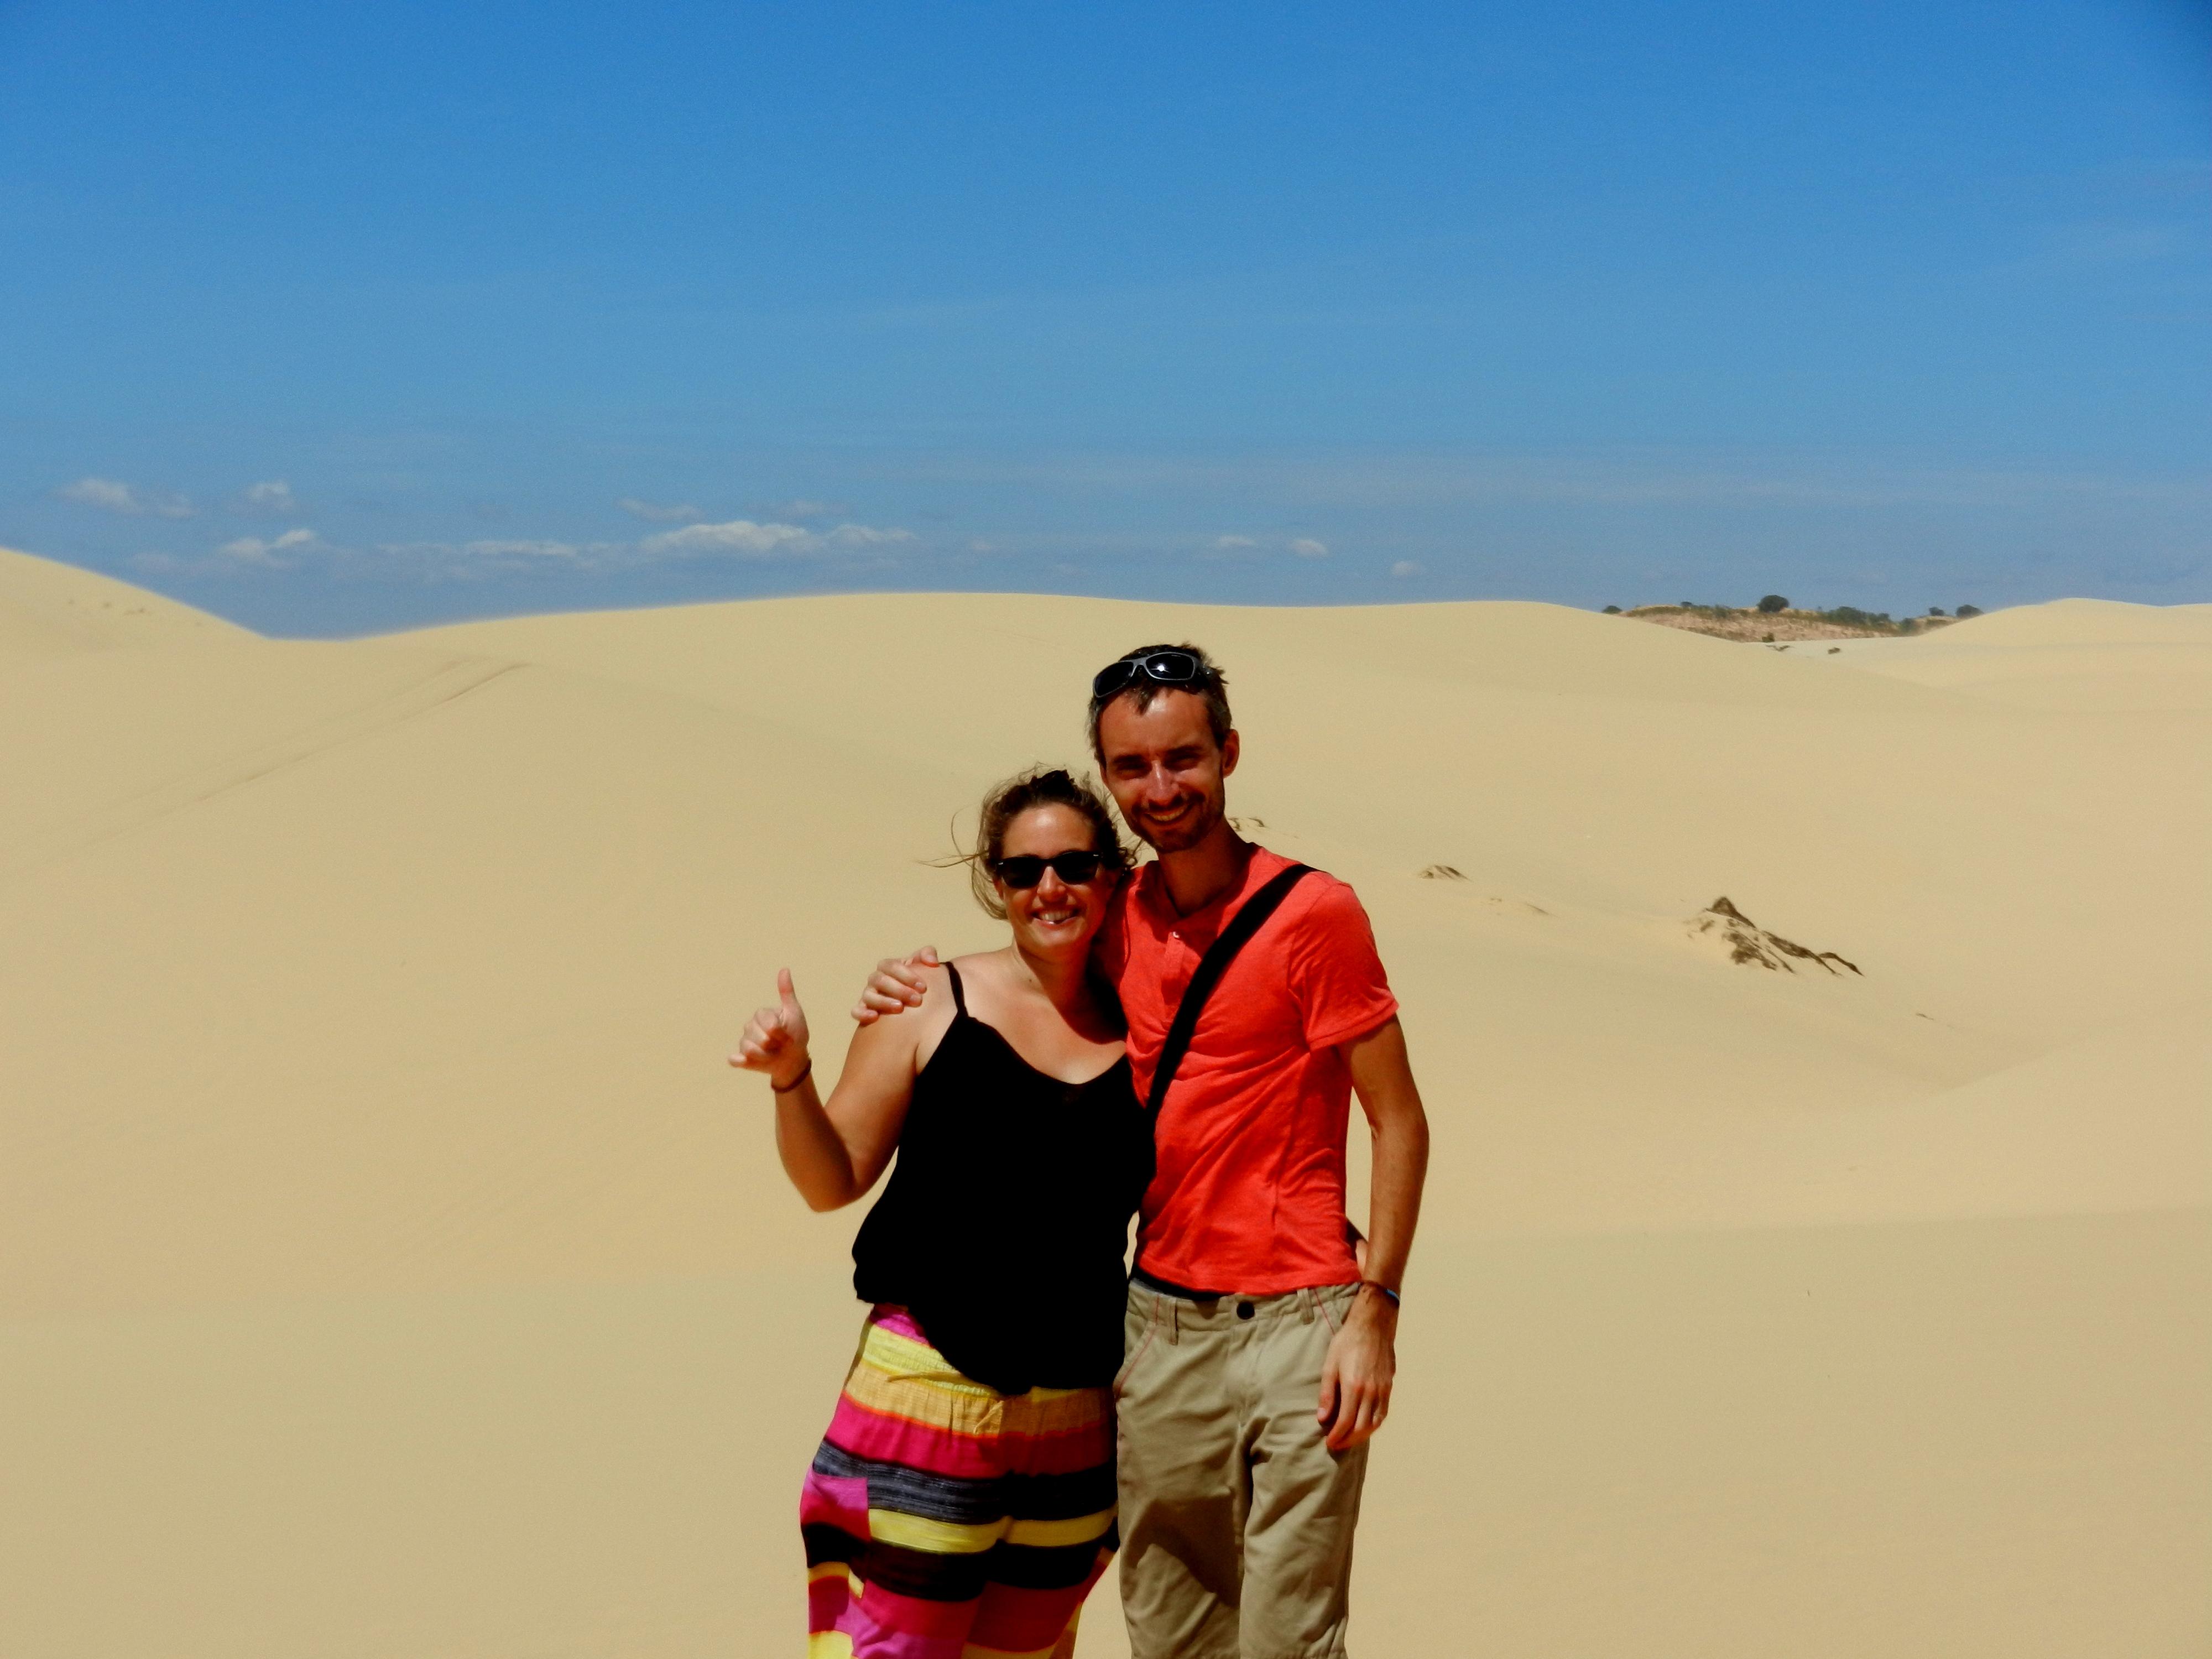 Une étape plage et farniente à Mui Né